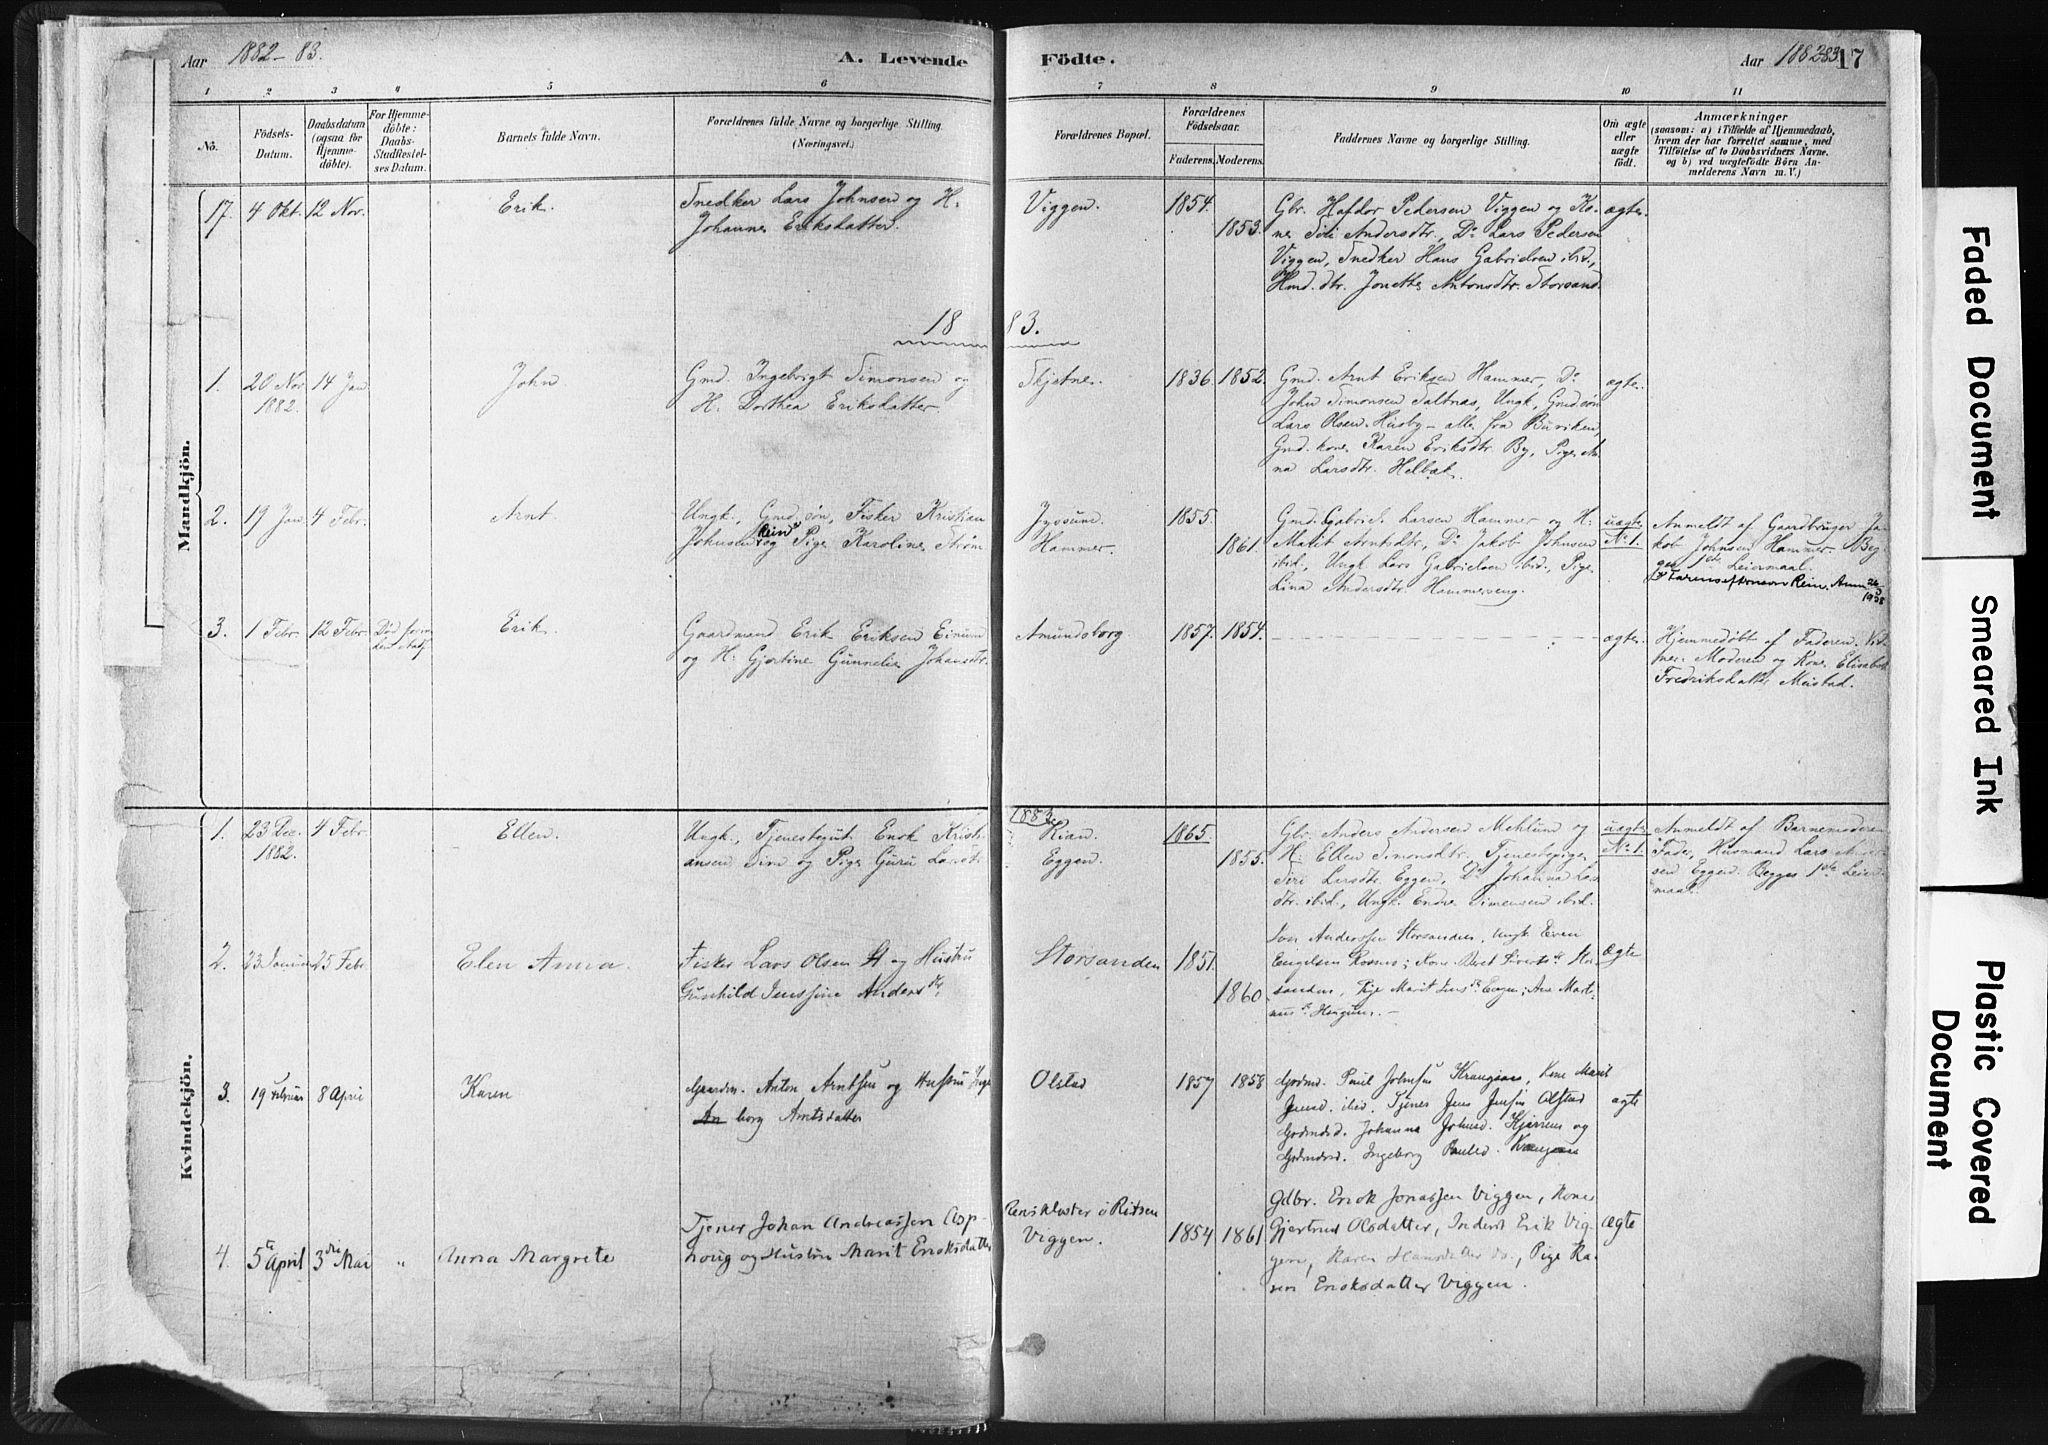 SAT, Ministerialprotokoller, klokkerbøker og fødselsregistre - Sør-Trøndelag, 665/L0773: Ministerialbok nr. 665A08, 1879-1905, s. 17